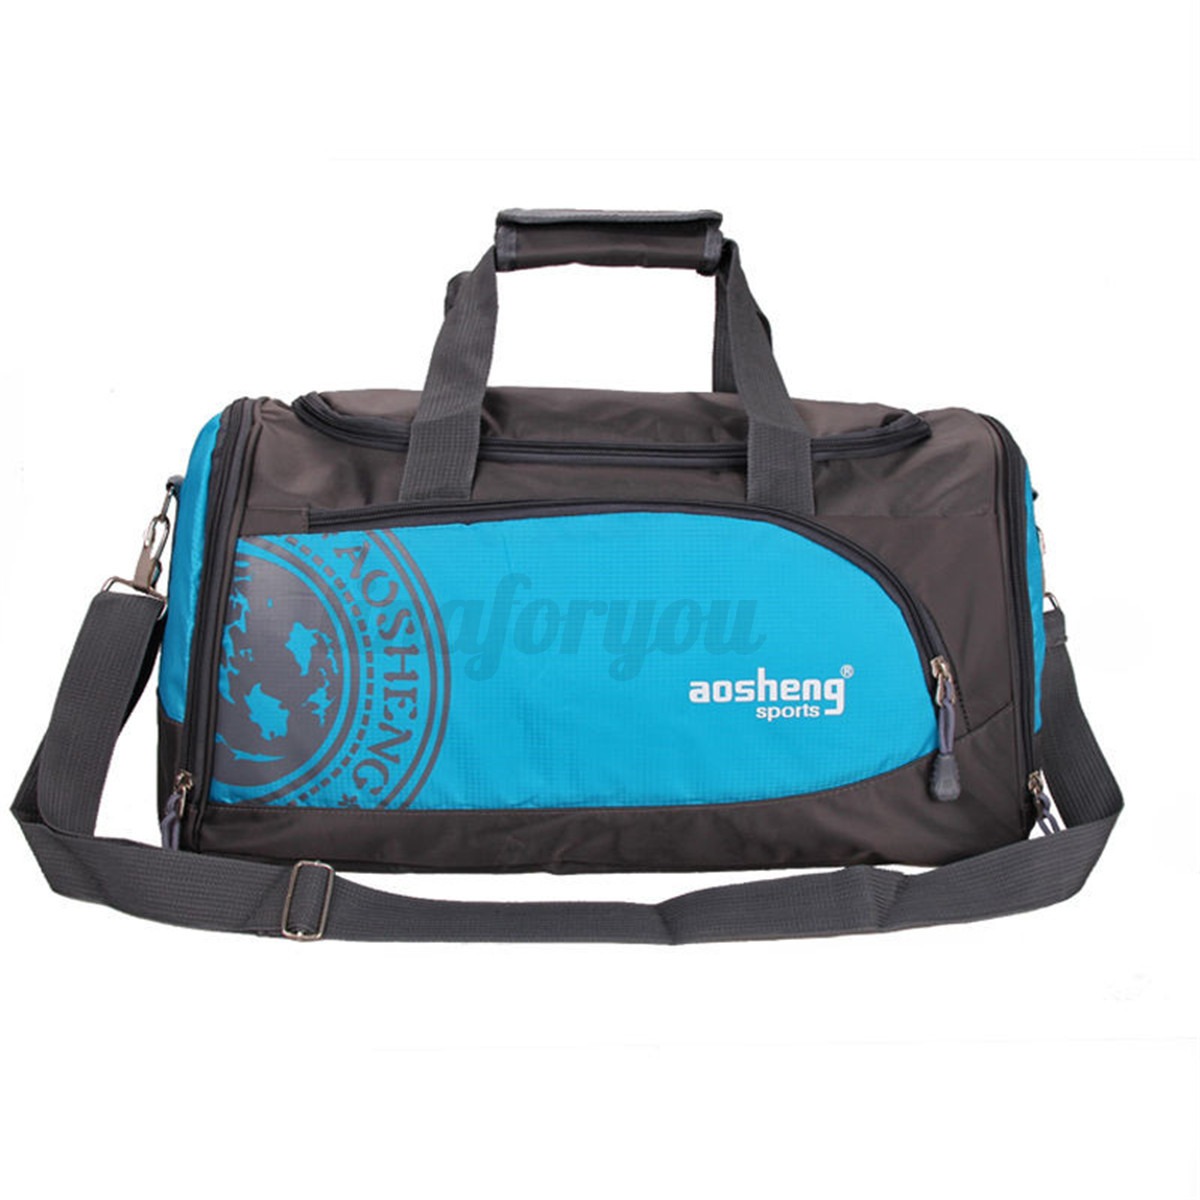 men woman large gym bag shoulder tote handbag sport travel work messenger bags ebay. Black Bedroom Furniture Sets. Home Design Ideas